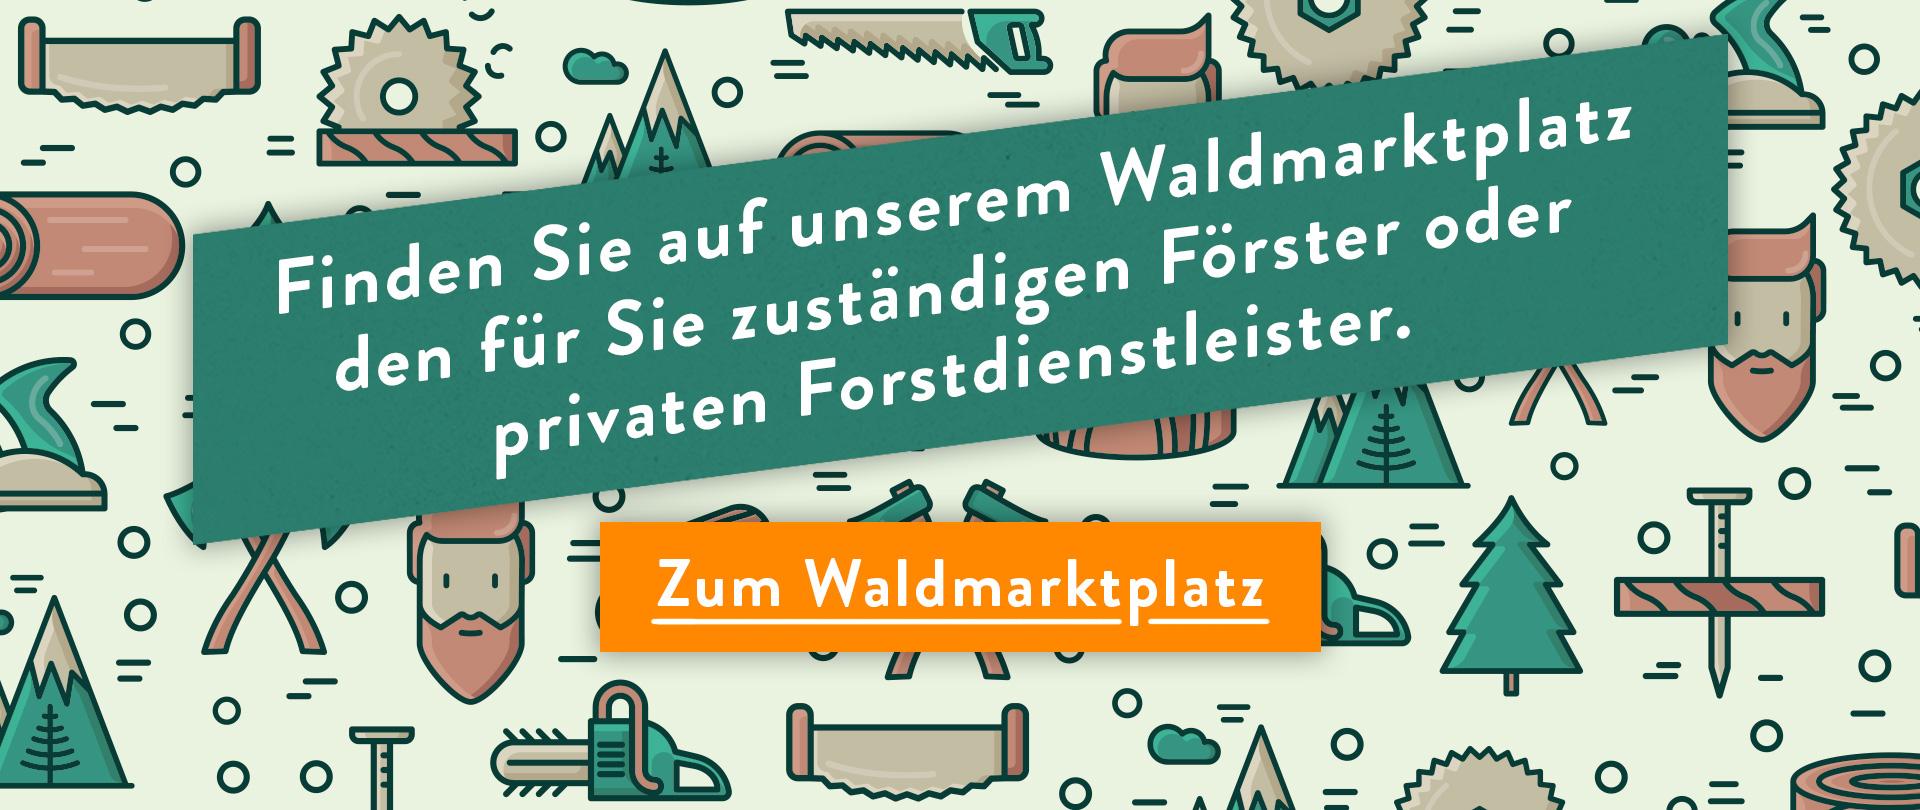 Förster und Forstdienstleister auf dem Waldmarktplatz finden